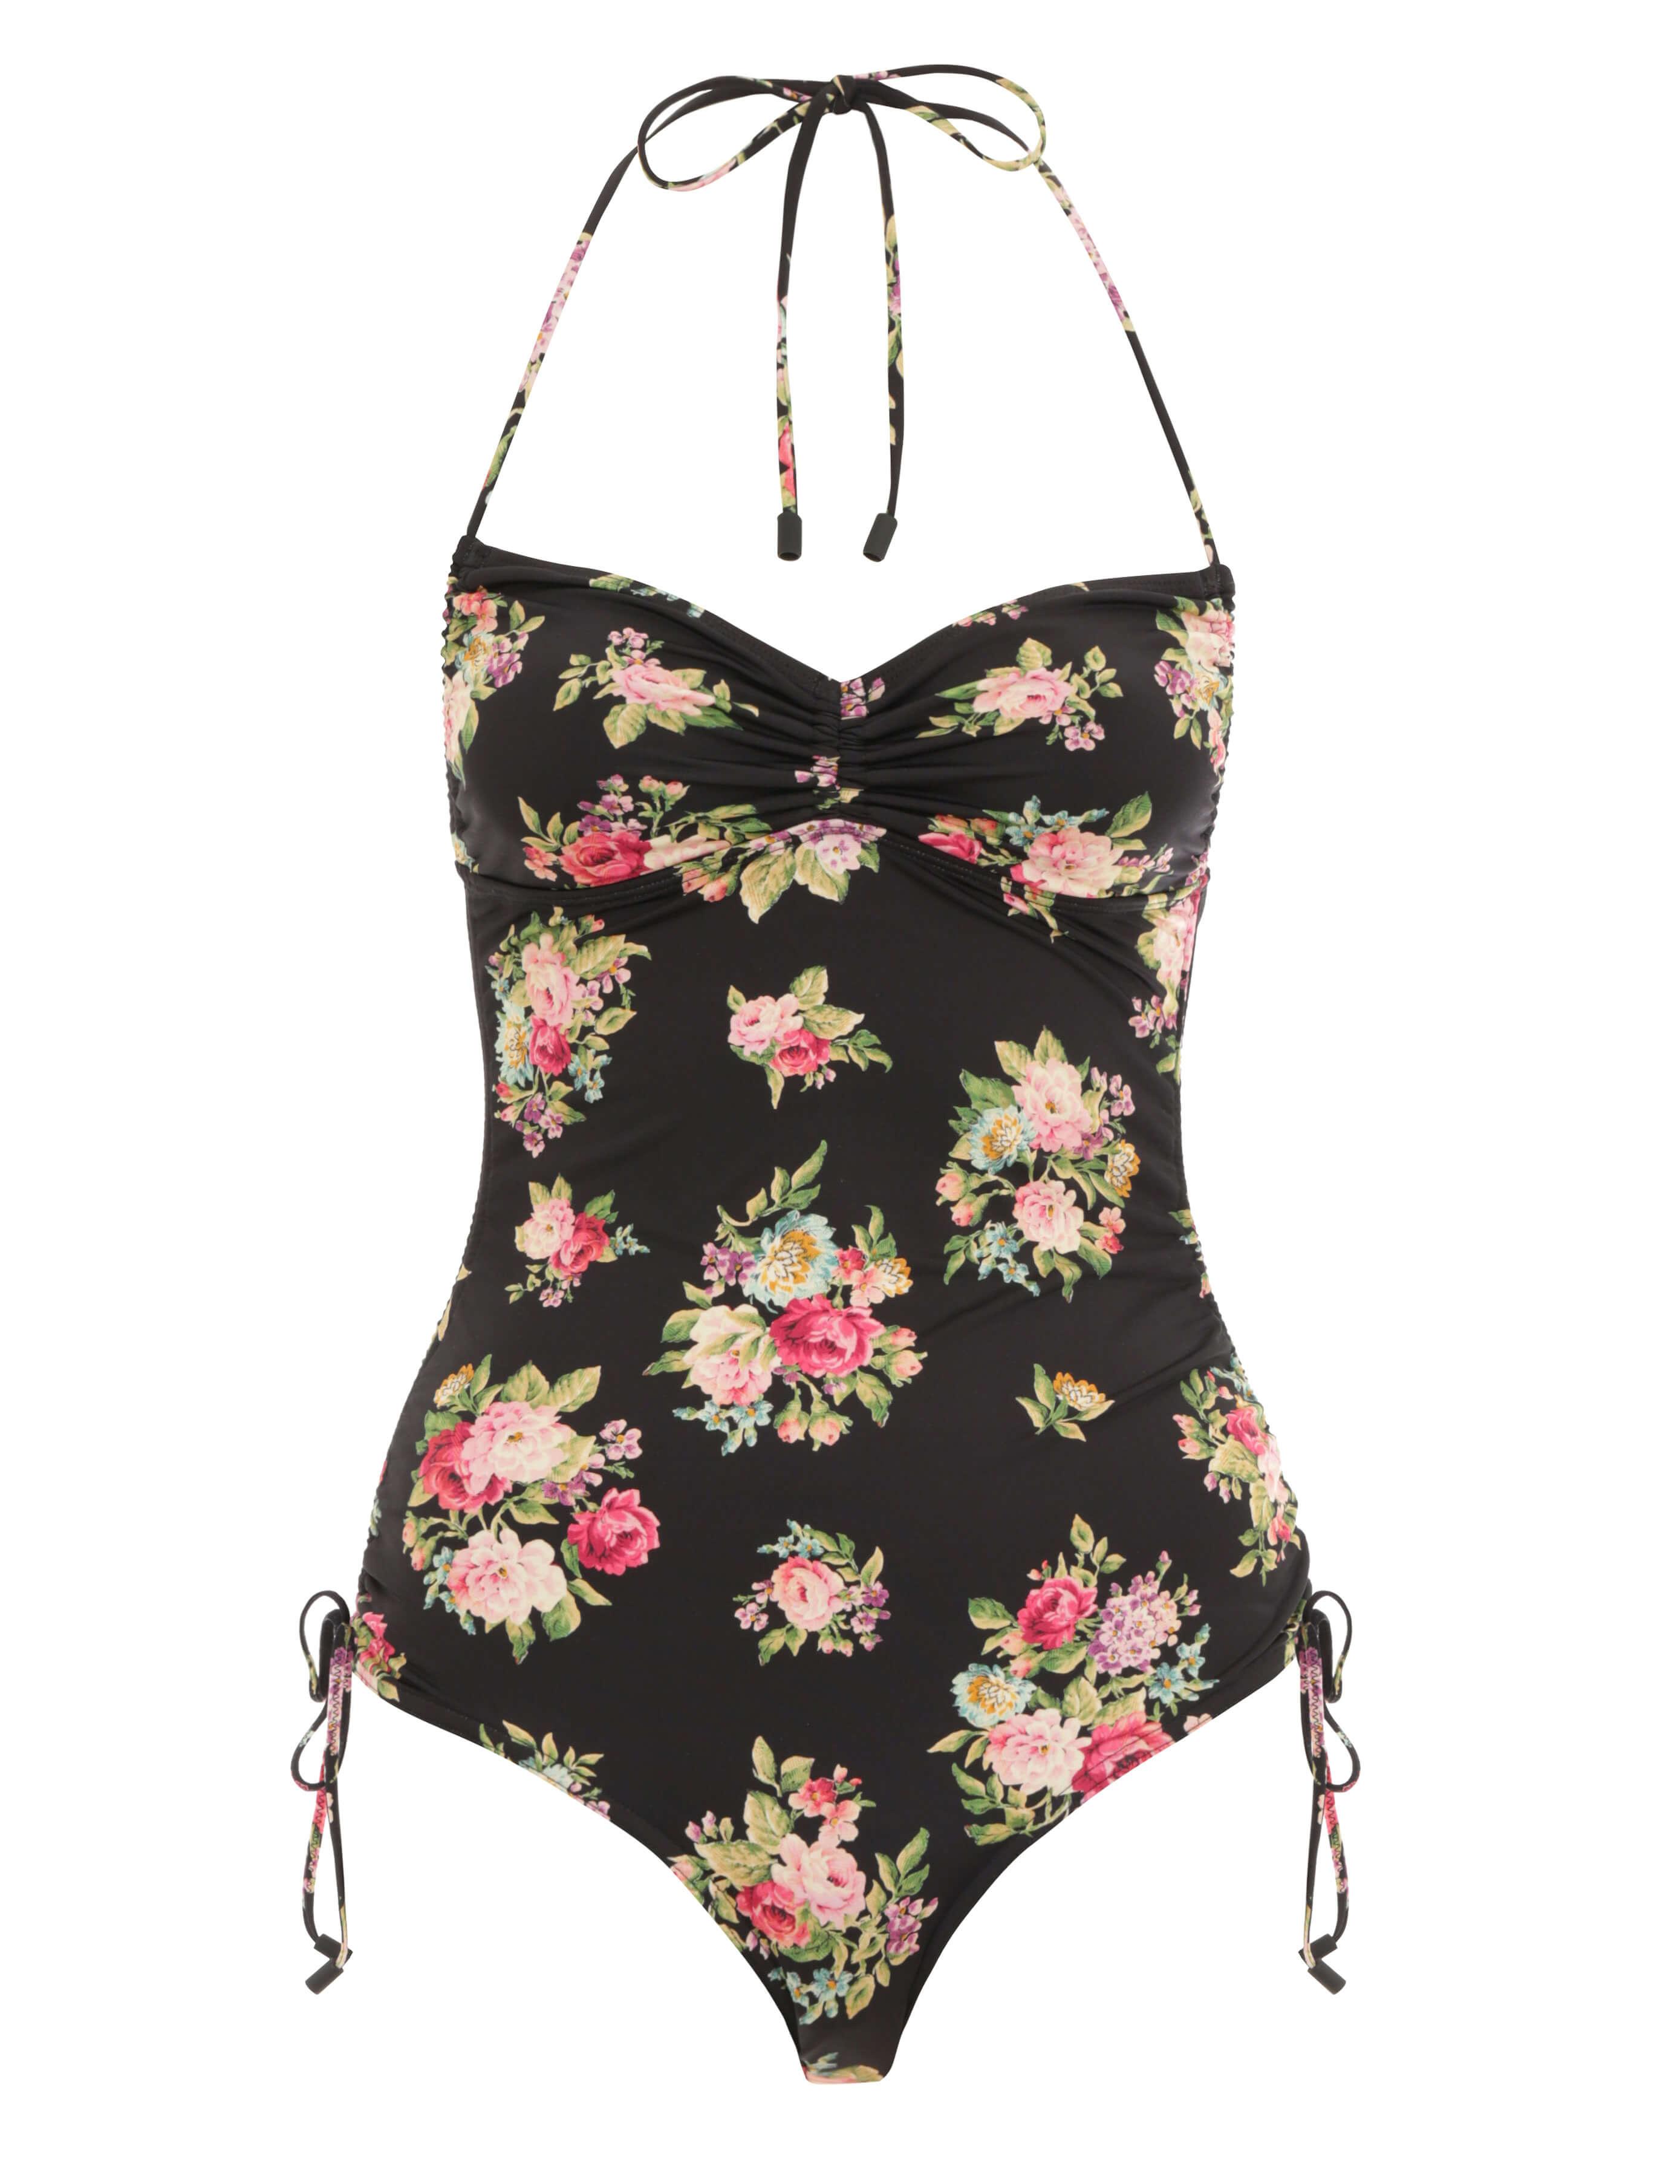 0f089317da Shop Women's Swimwear Online | ZIMMERMANN